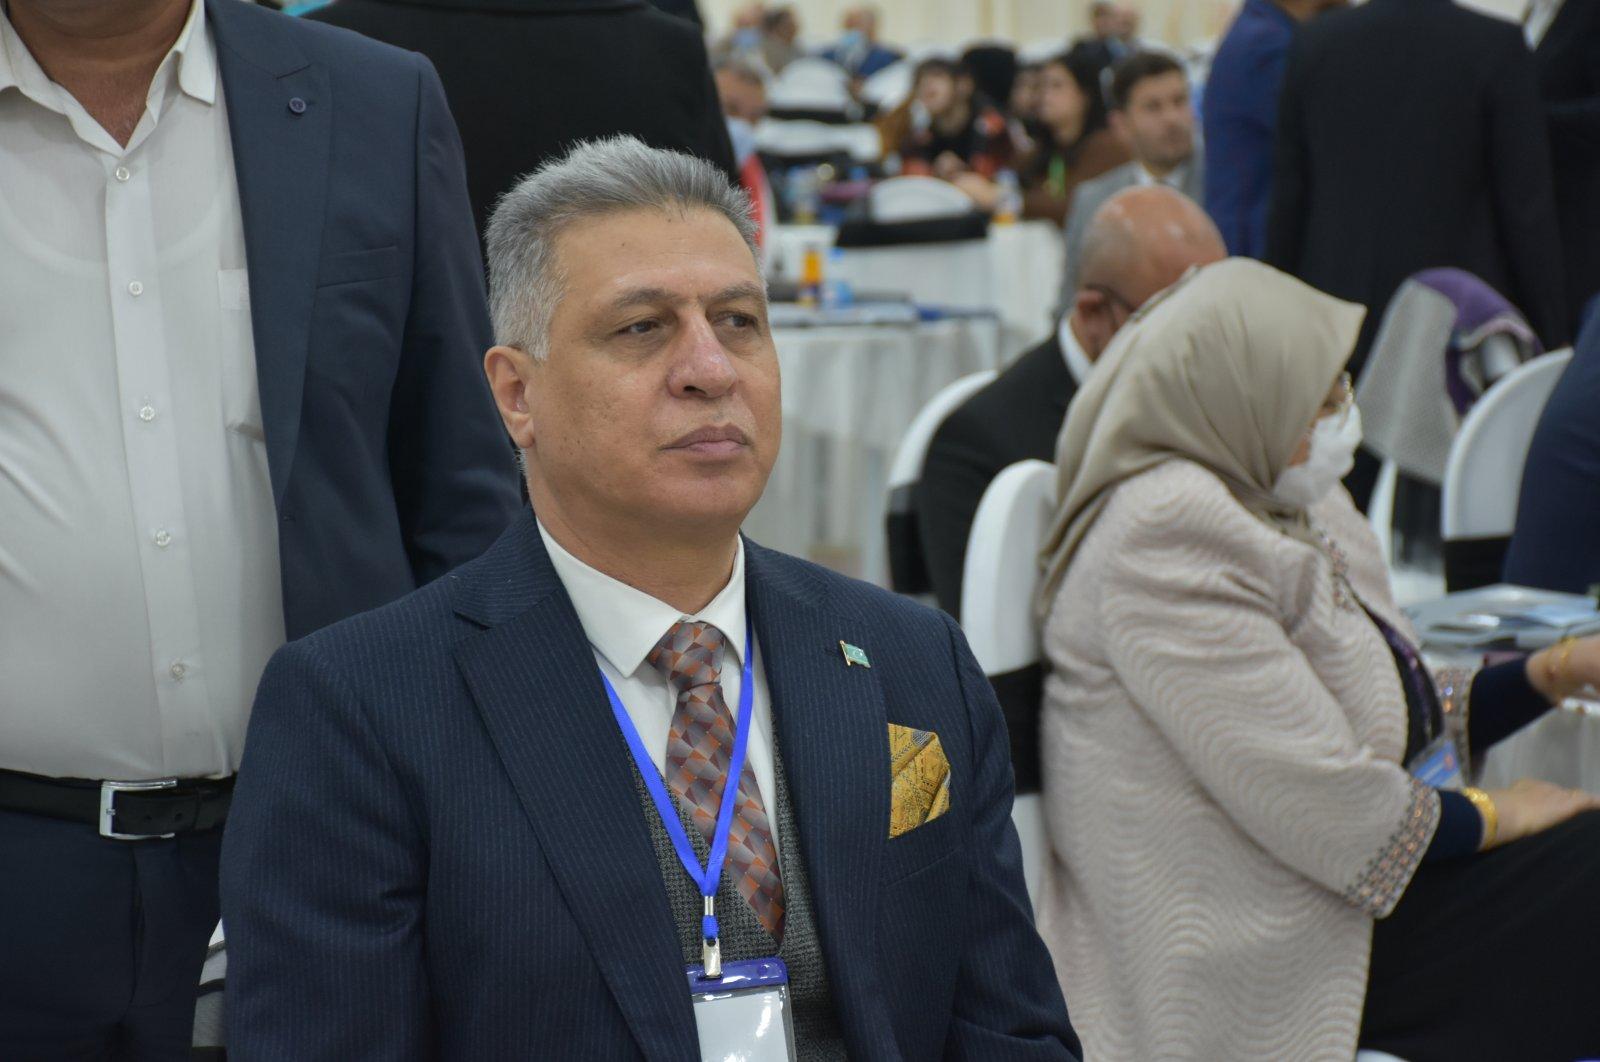 Ershad Salihi, Iraqi Turkmen Front (ITF) chairperson, attends an event in Kirkuk, Iraq, Jan. 3, 2021. (AA Photo)